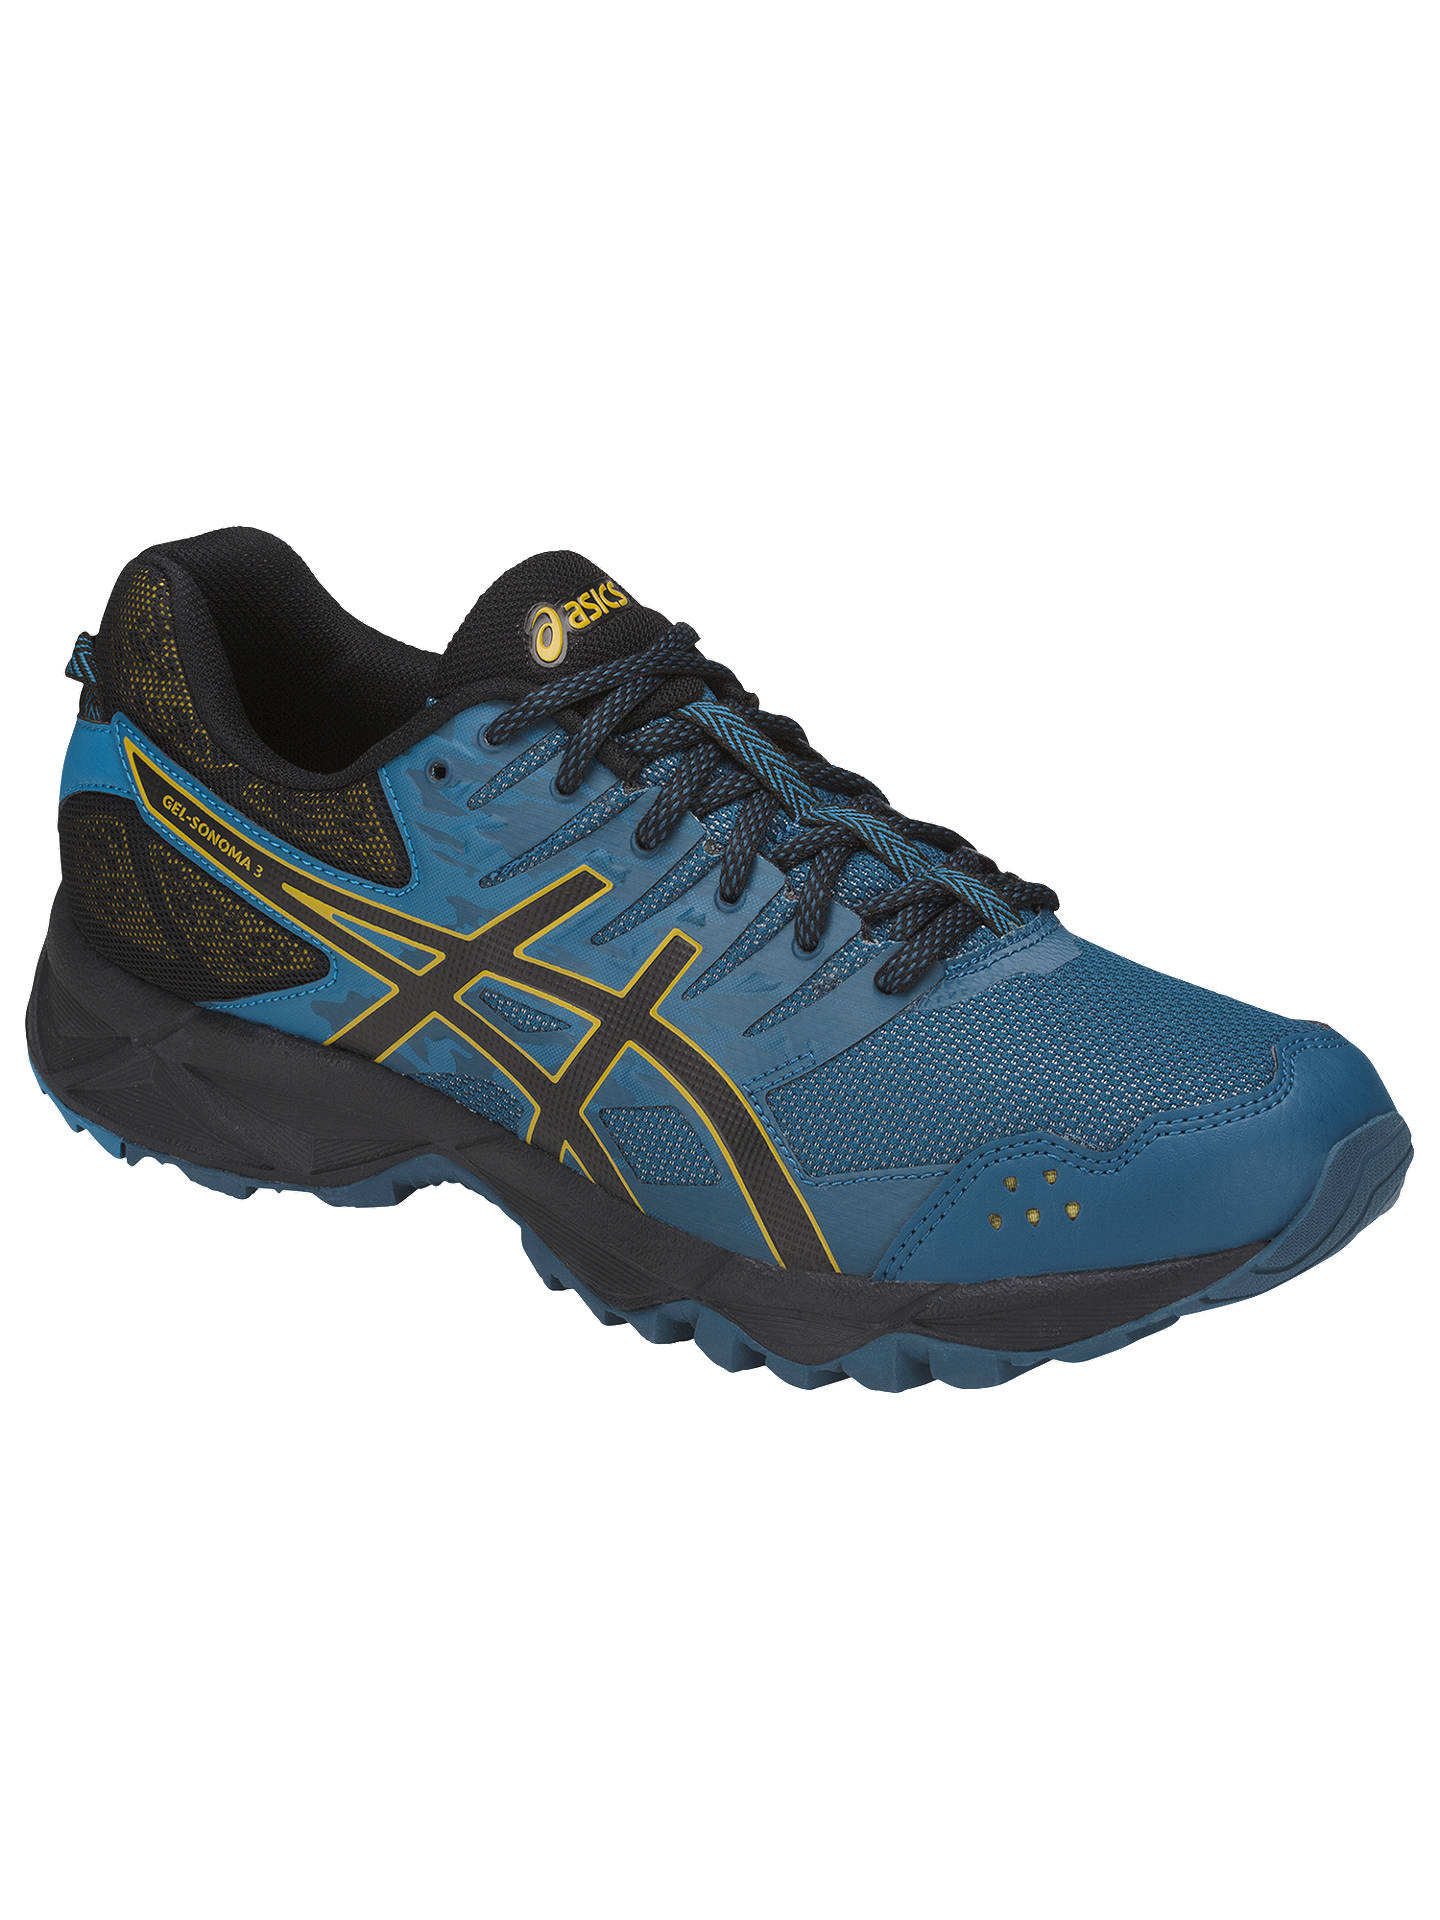 3befc8b0 Asics GEL-SONOMA 3 Men's Trail Running Shoes, Blue at John Lewis ...